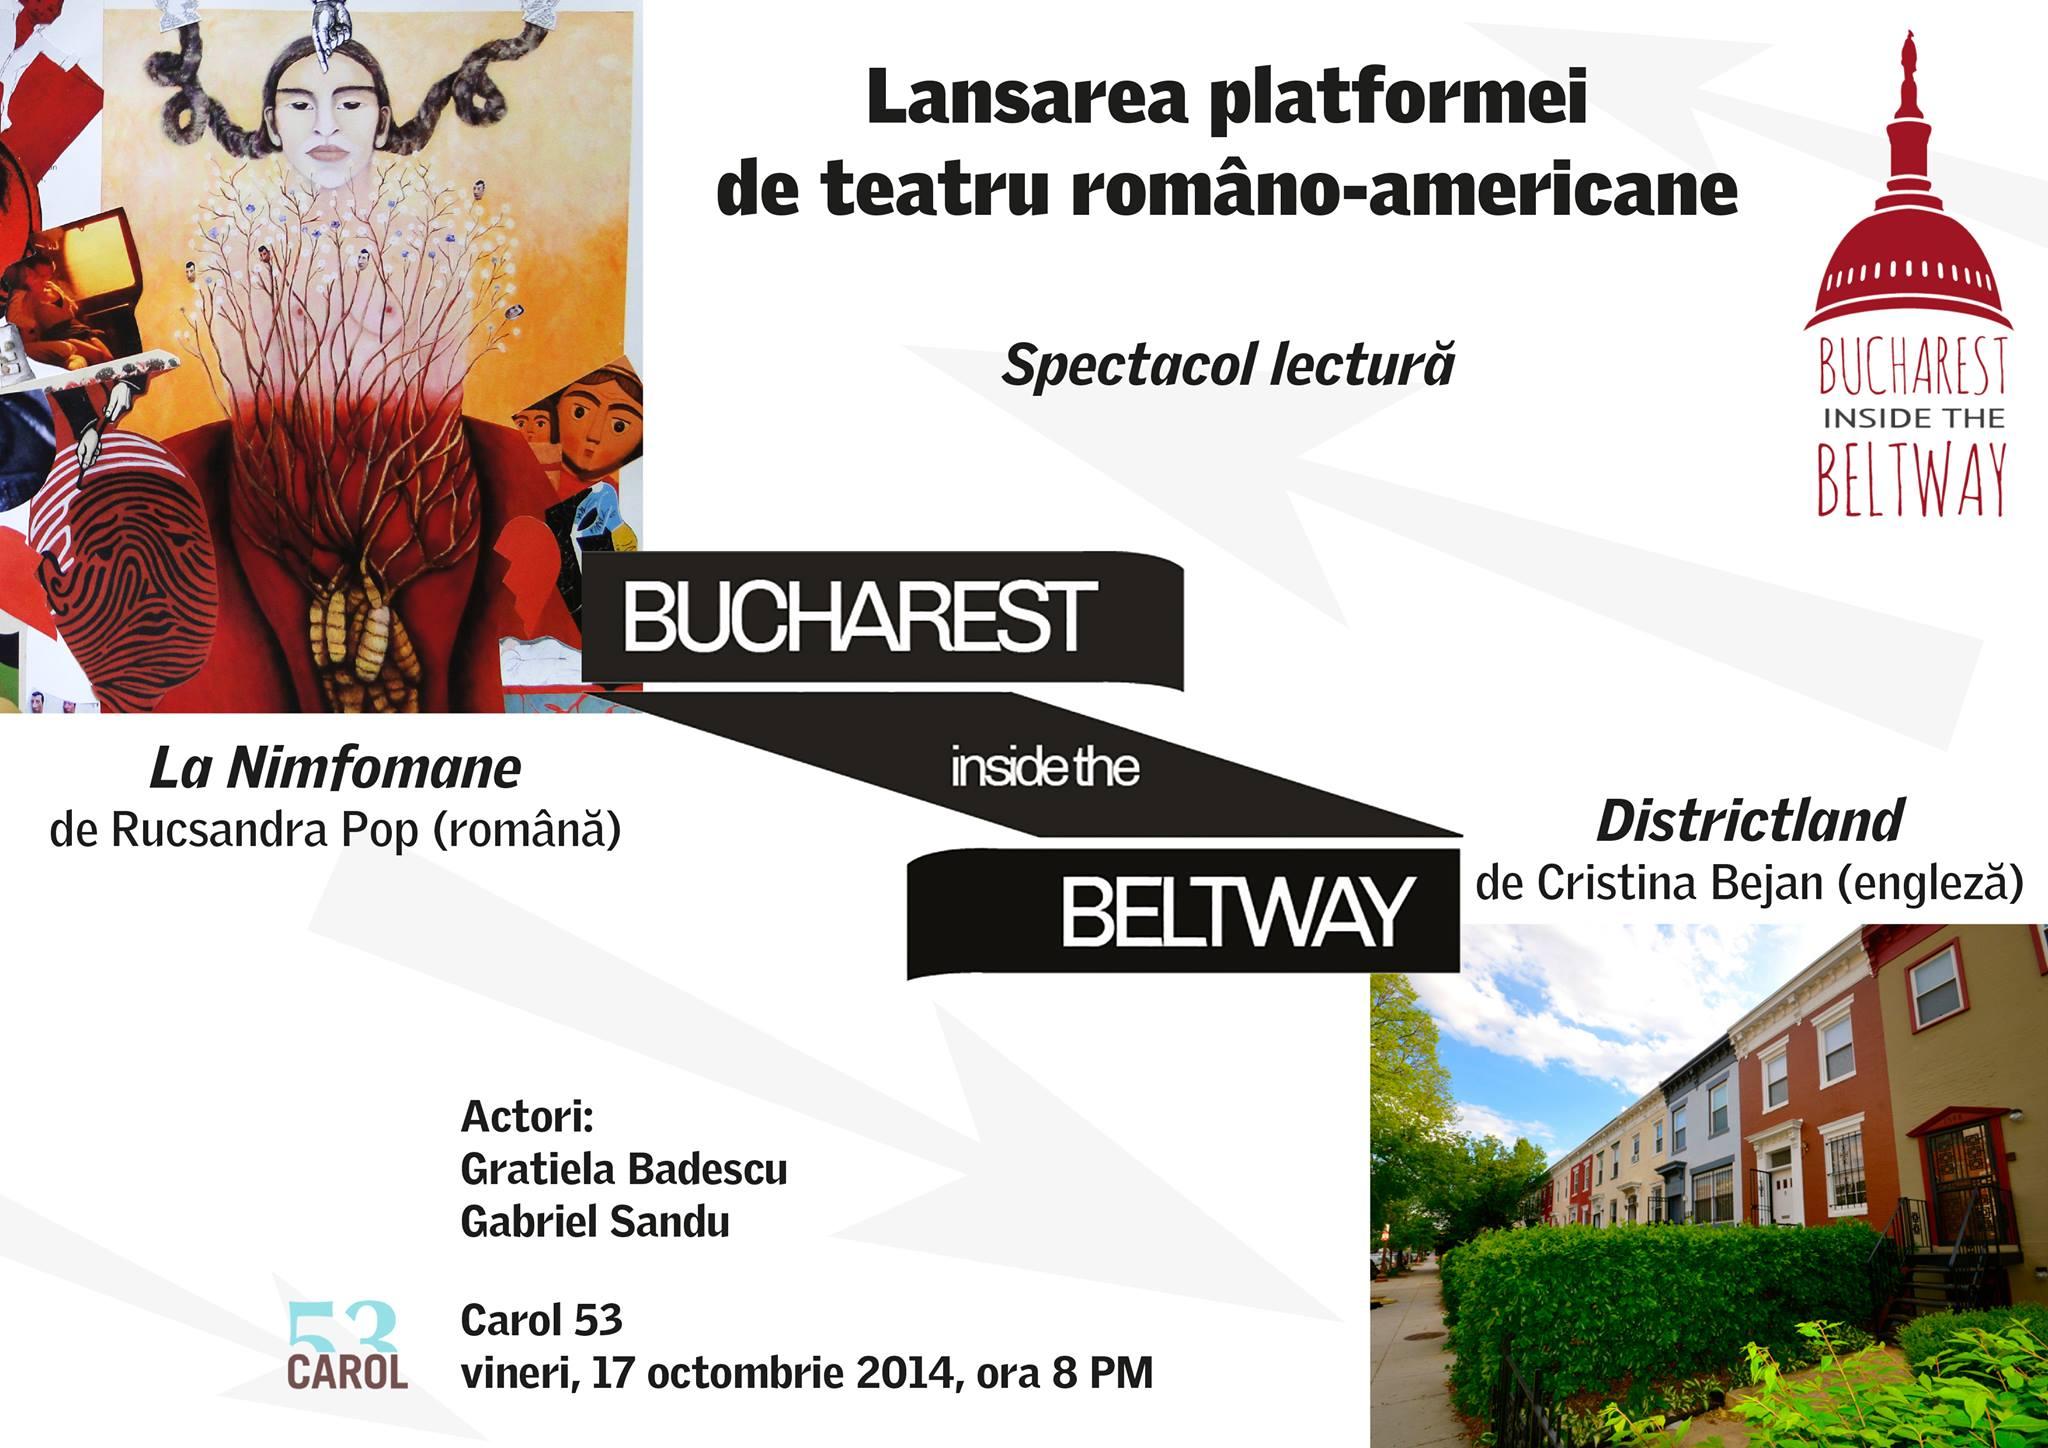 Bucharest inside beltway